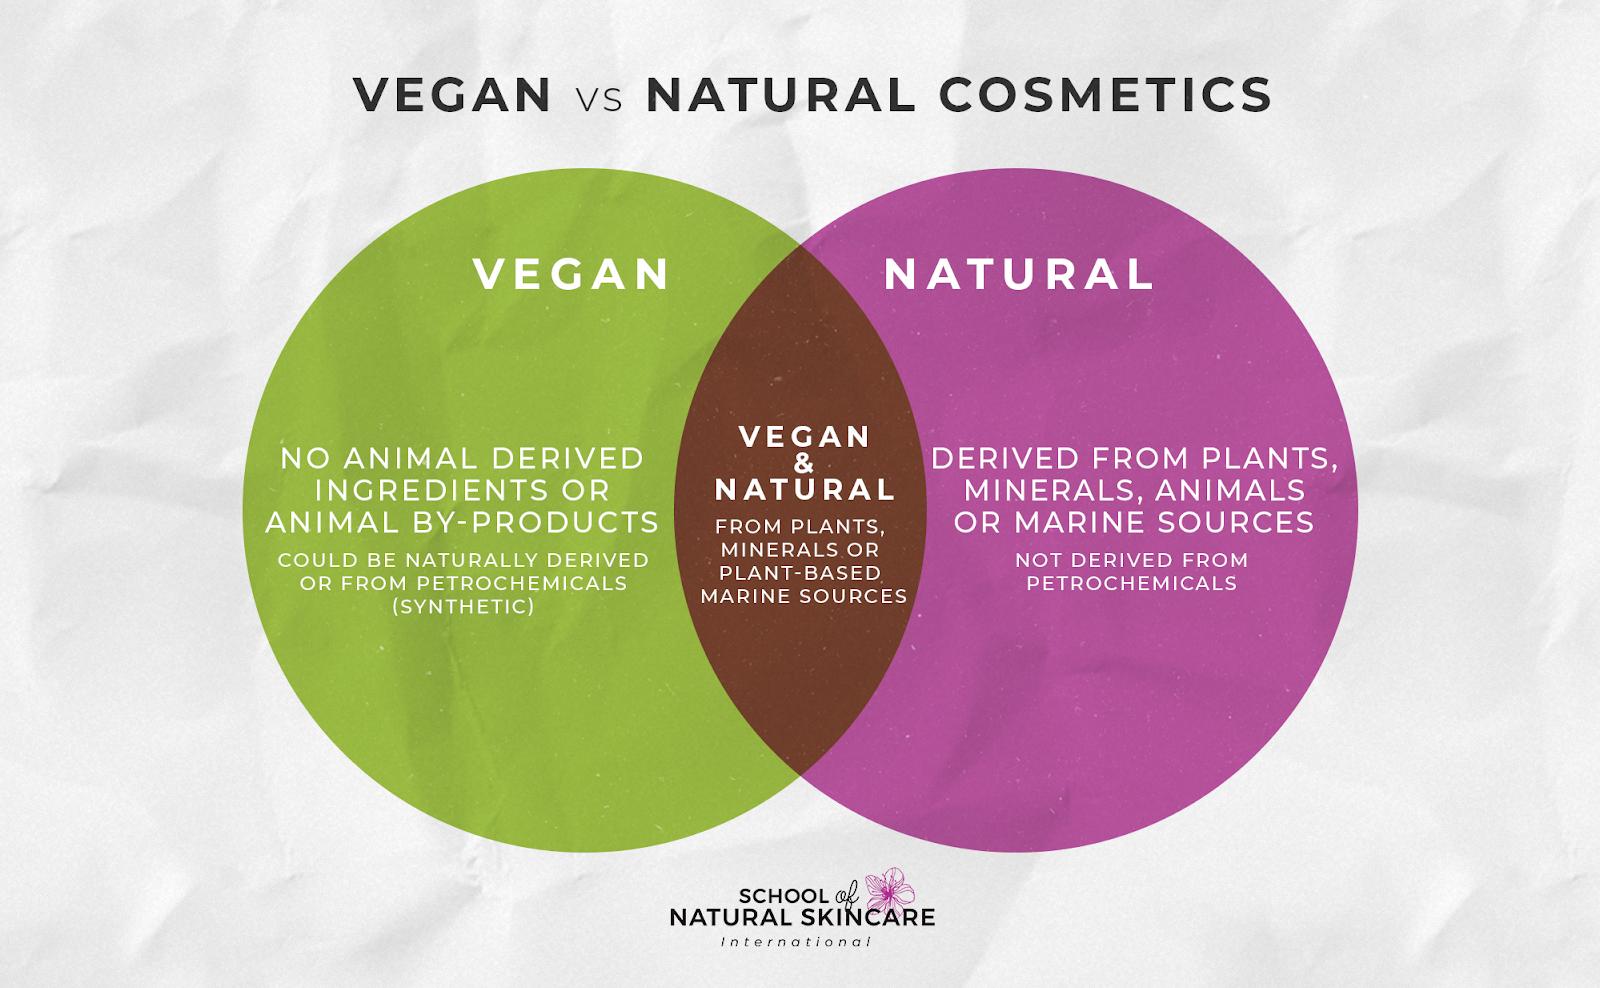 Vegan Doesn't Mean Natural: Embracing Natural Vegan Skincare Skincare Formulation